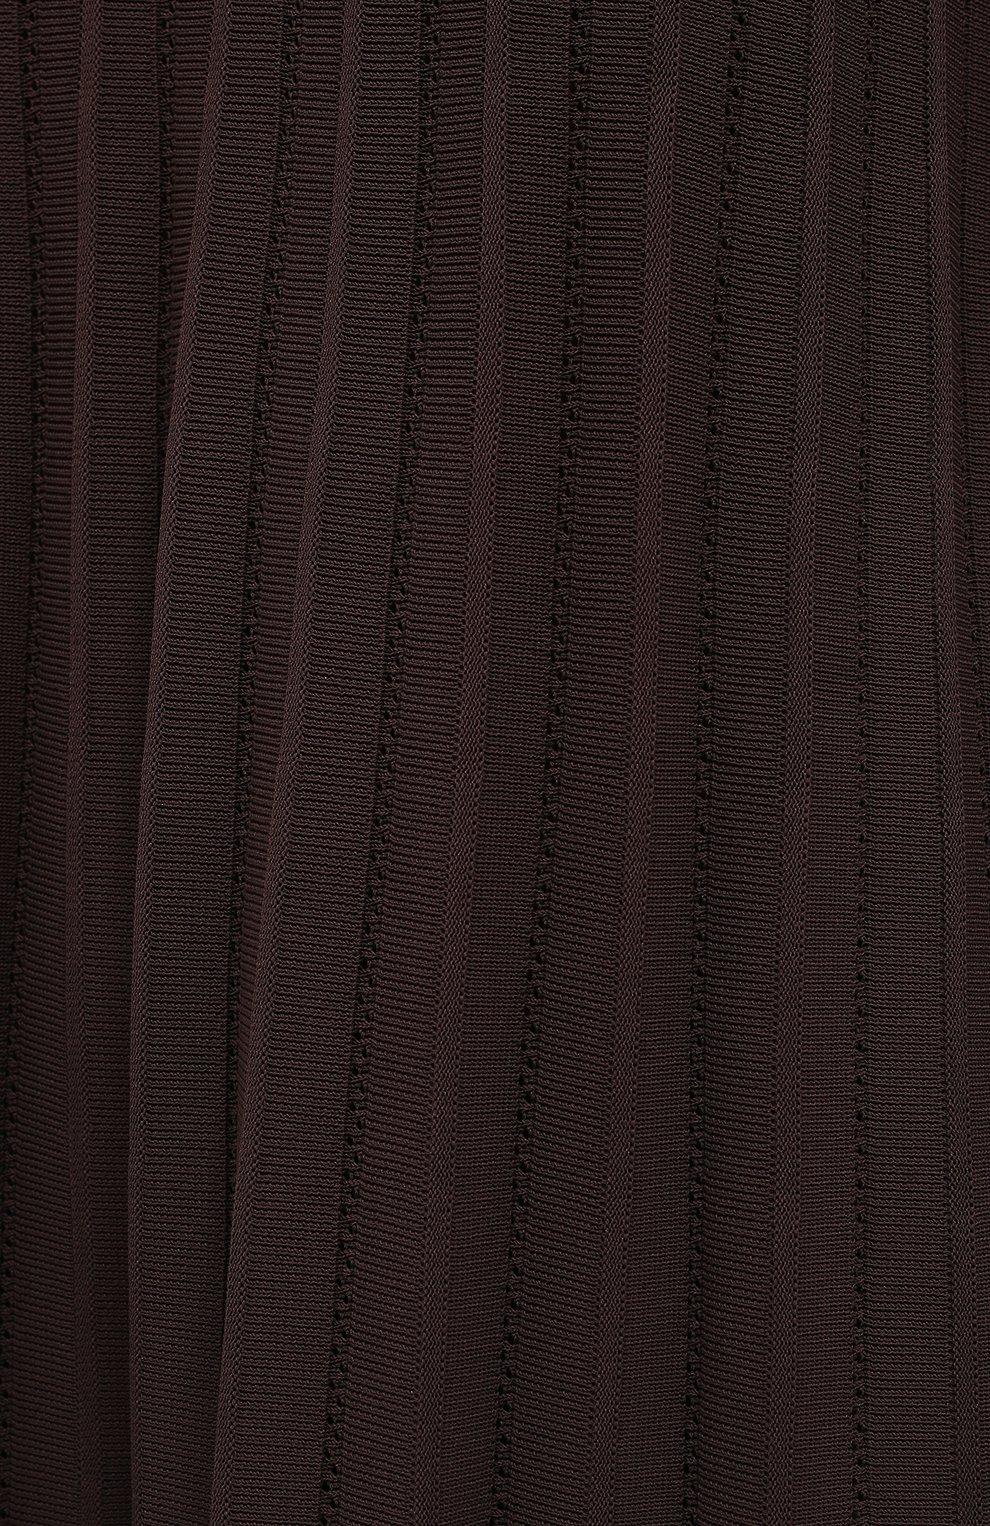 Женское платье из вискозы CASASOLA коричневого цвета, арт. DRS-C-CARLA/VISC0SE | Фото 5 (Рукава: Длинные; Случай: Повседневный; Длина Ж (юбки, платья, шорты): Миди; Материал внешний: Вискоза; Женское Кросс-КТ: Платье-одежда)